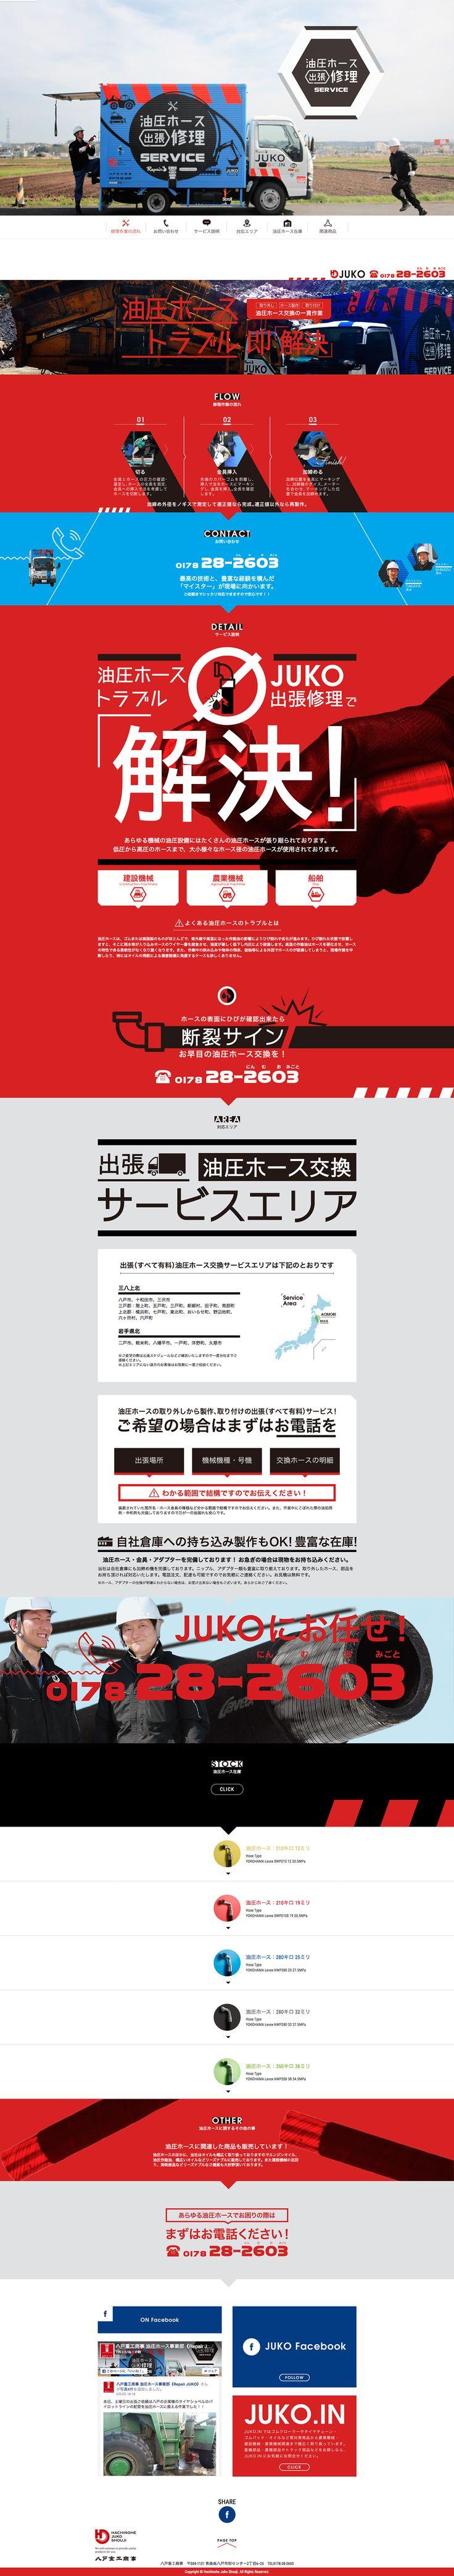 #八戸重工商事 #重工 #JUKO #ウェブ #WEB #デザイン #DESIGN #八戸 #LP #ランディングページ #青森 #地域デザイン